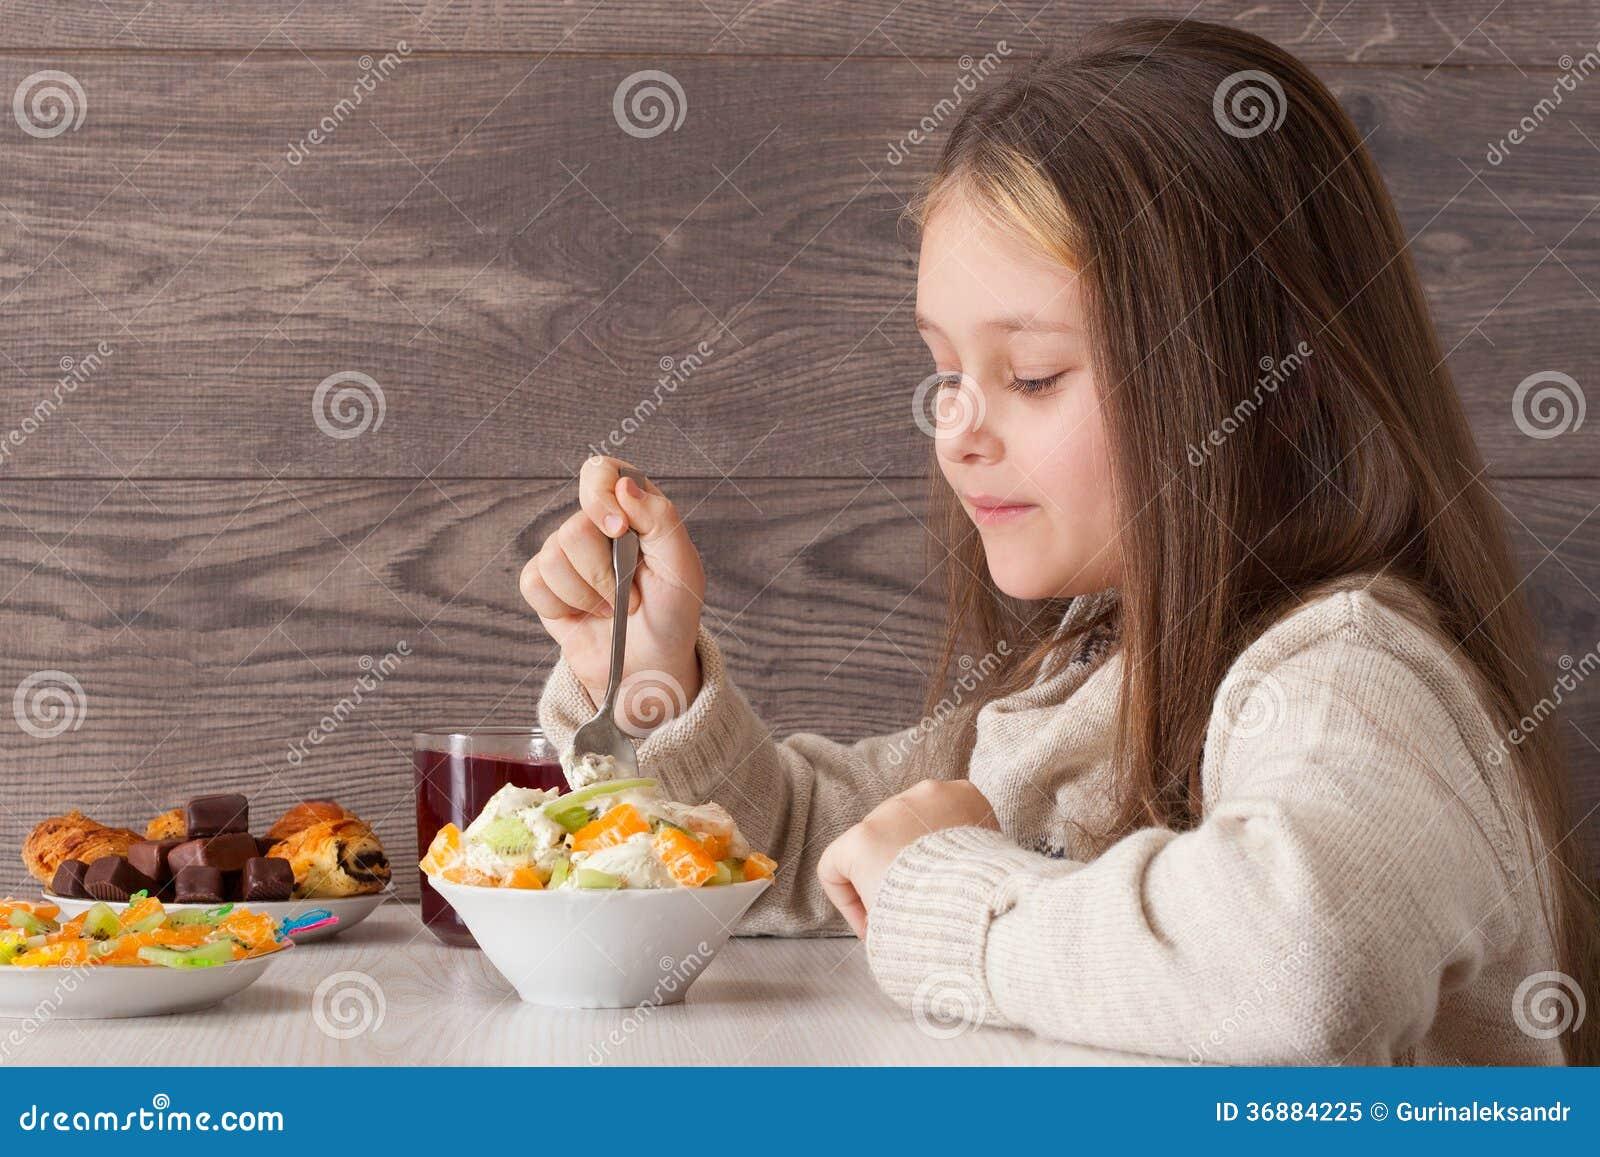 Download Il bambino mangia i frutti immagine stock. Immagine di bevanda - 36884225